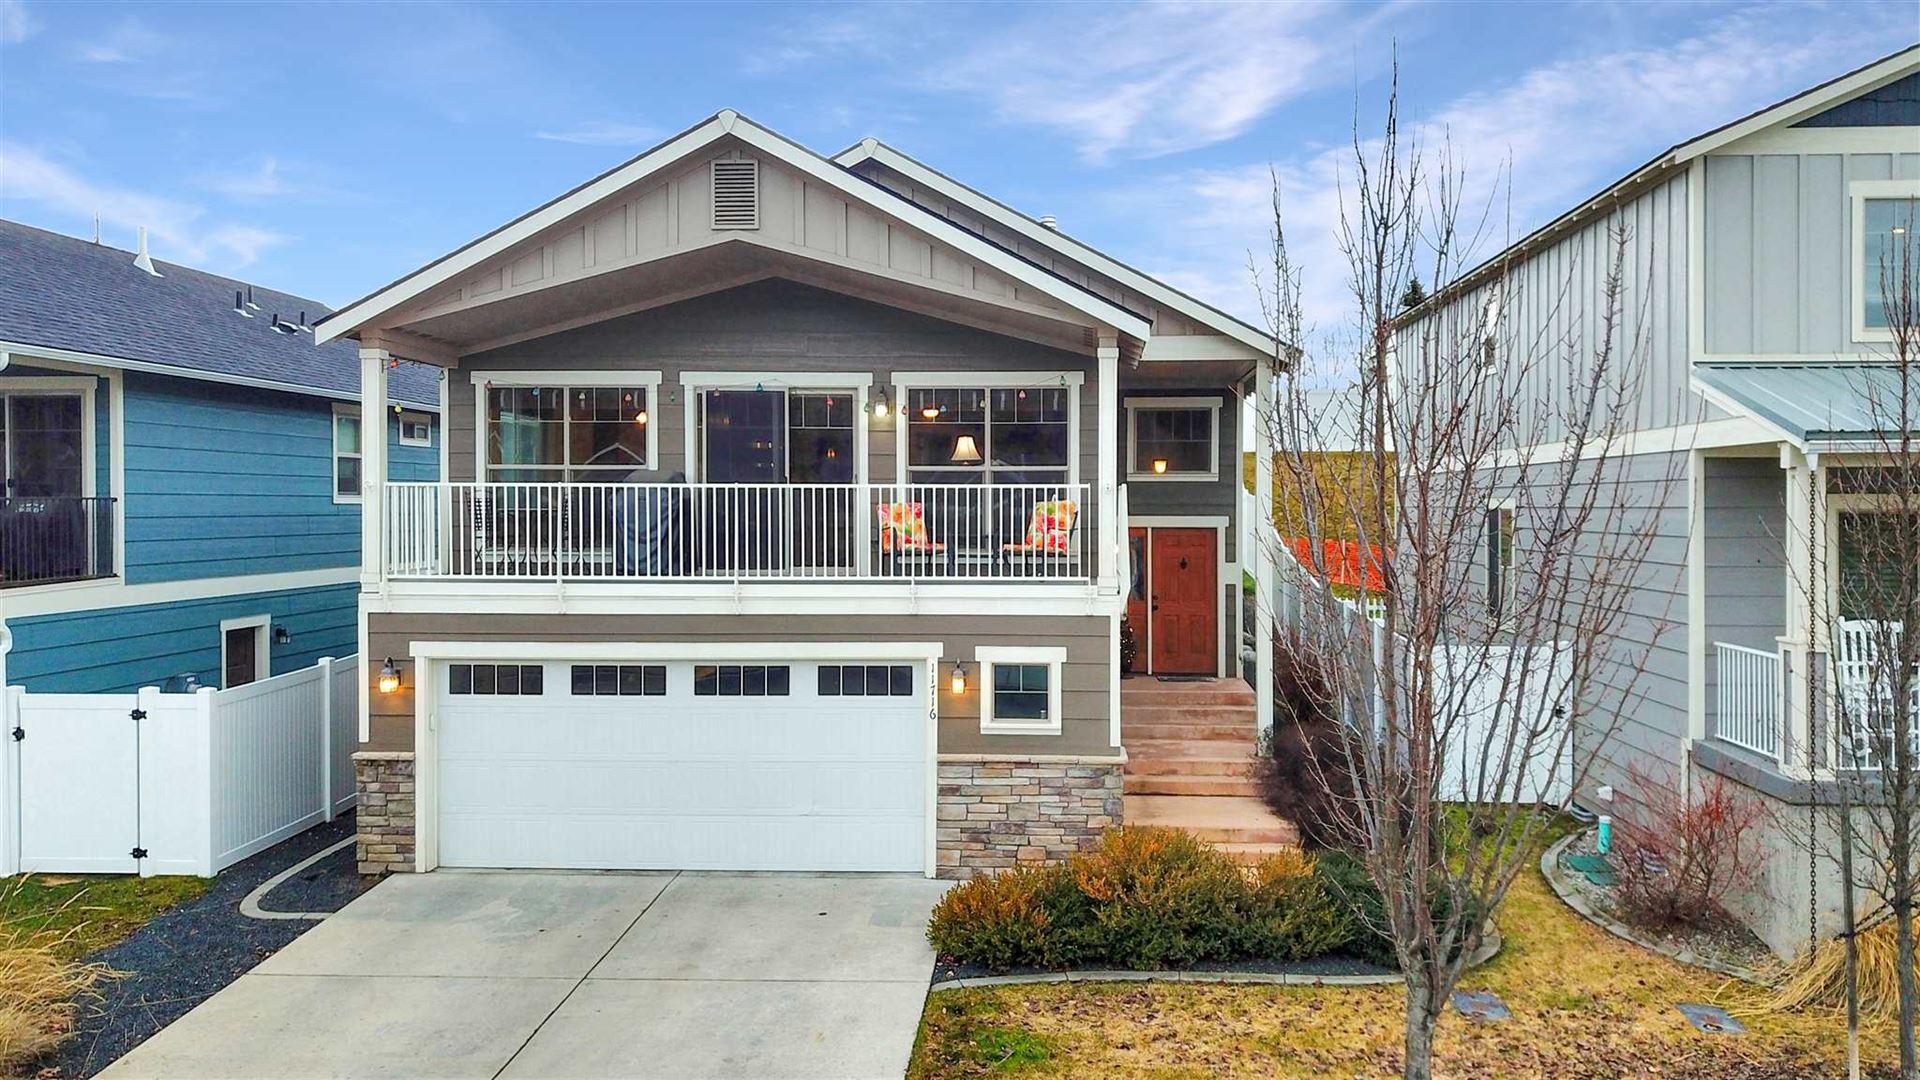 11716 E Rivercrest Dr, Spokane Valley, WA 99206 - #: 202111083